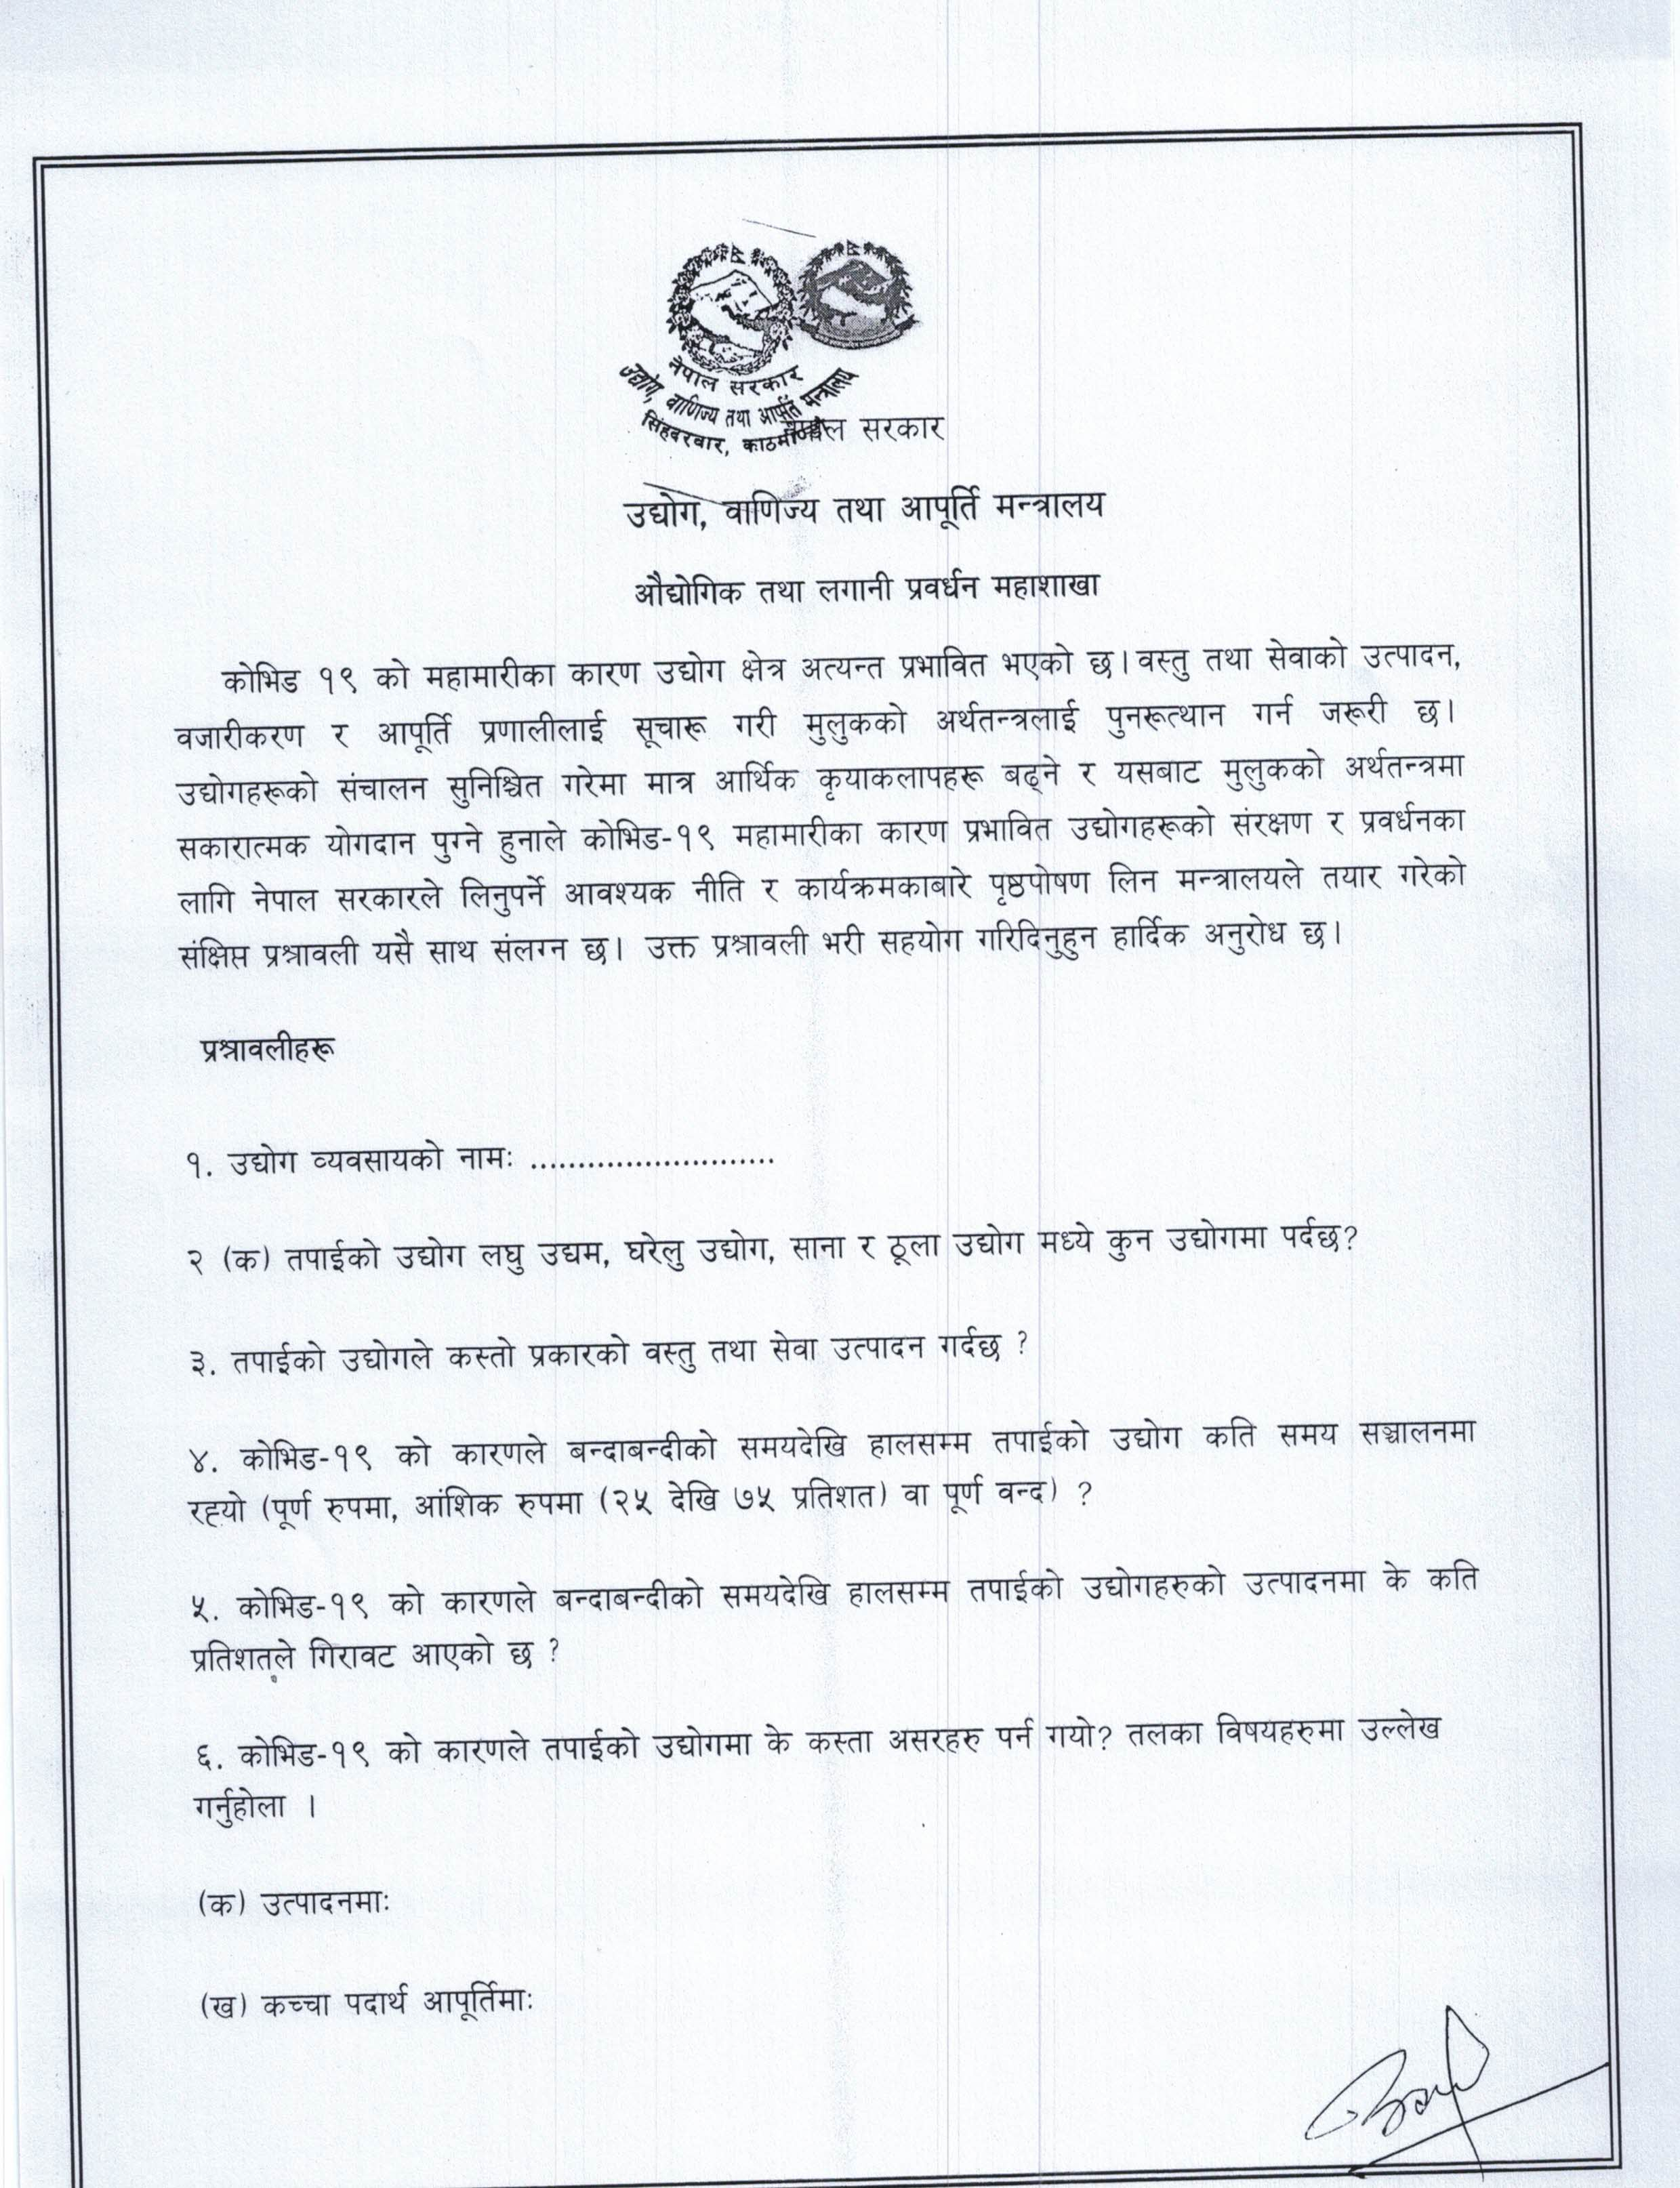 कोभिड -१९ महामारीका कारण प्रभावित उद्योगहरुको संरक्षण र प्रवर्धनका लागि नेपाल सरकारले लिनुपर्ने आवश्यक नीति र कार्यक्रमबारे पृष्ठपोषण उपलव्ध गराउने सम्वन्धमा  ।